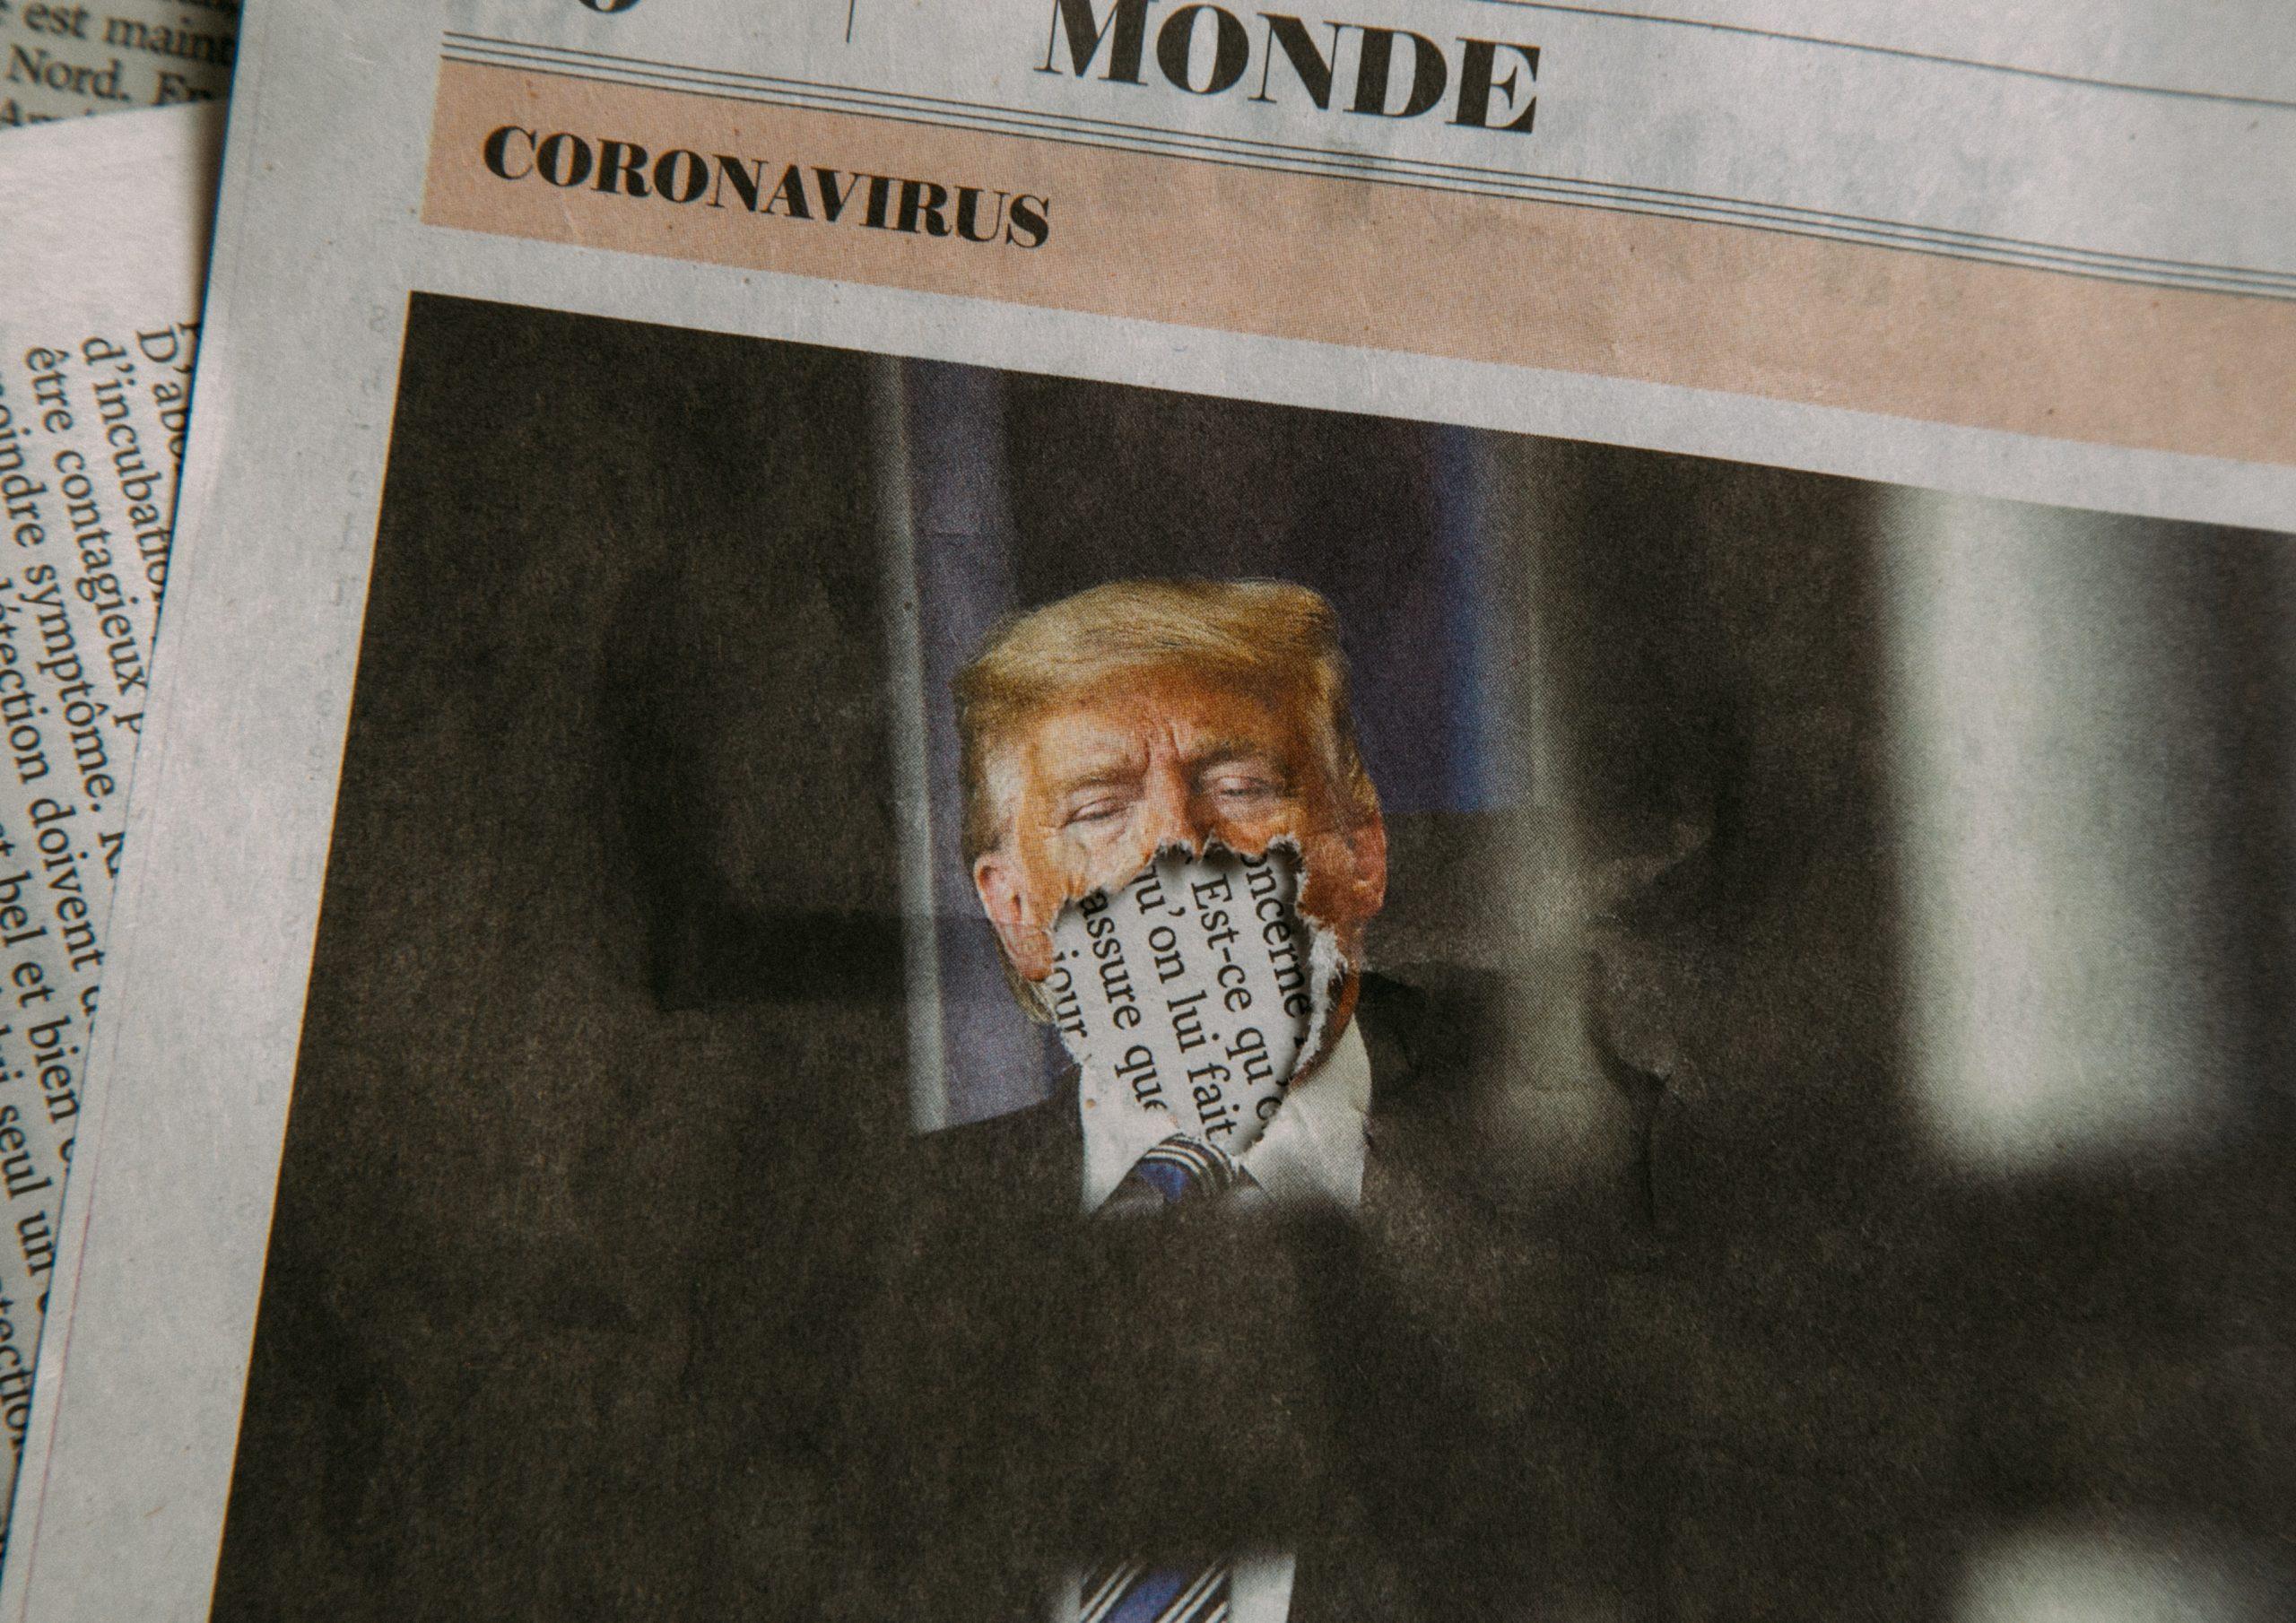 Psychologie in tijden van pandemie_Trump_mondmasker_Photo by Charles Deluvio on Unsplash